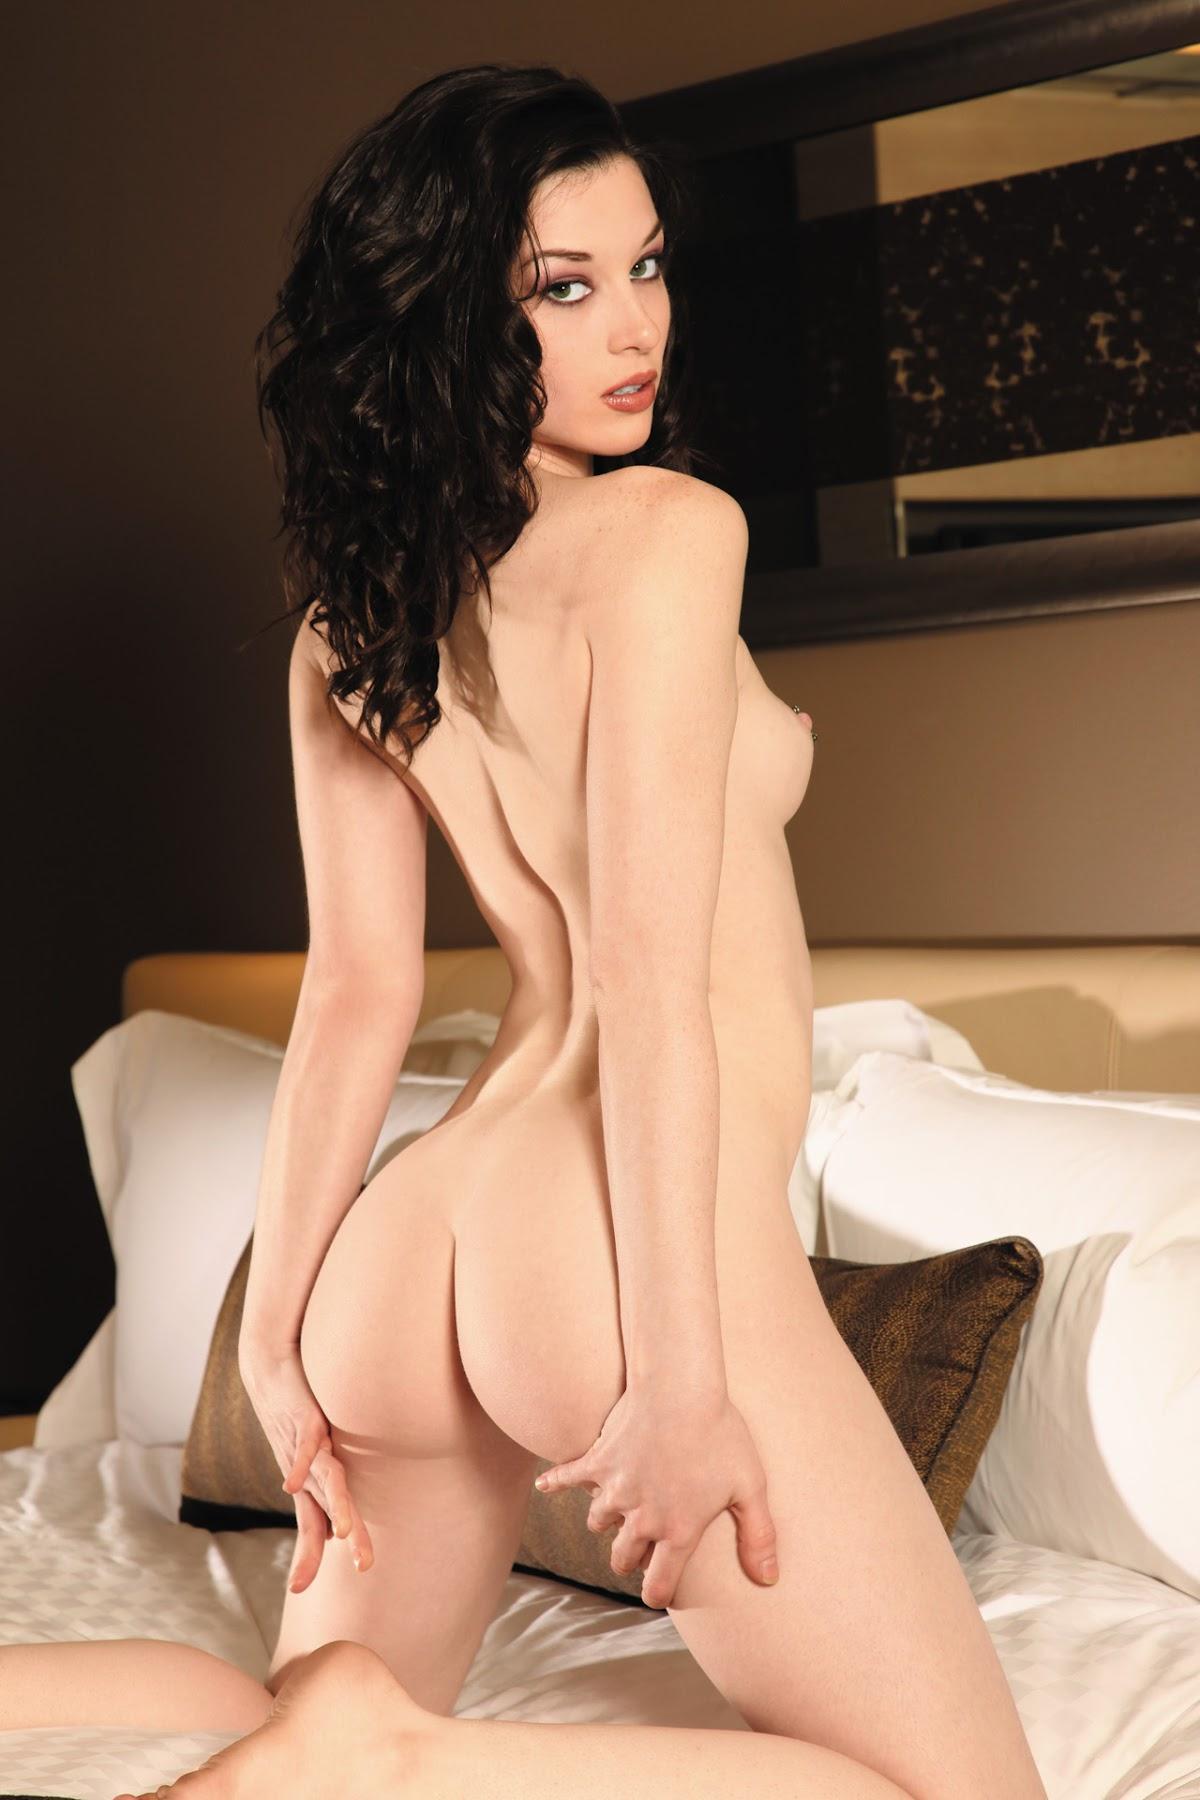 http://1.bp.blogspot.com/-RE7xWeD8z6w/UPk0idMldII/AAAAAAAAD_k/N0ULedFnqN4/s1800/australianpenthouse_brunette_naked_solo_Stoya_trimmed_7.jpg